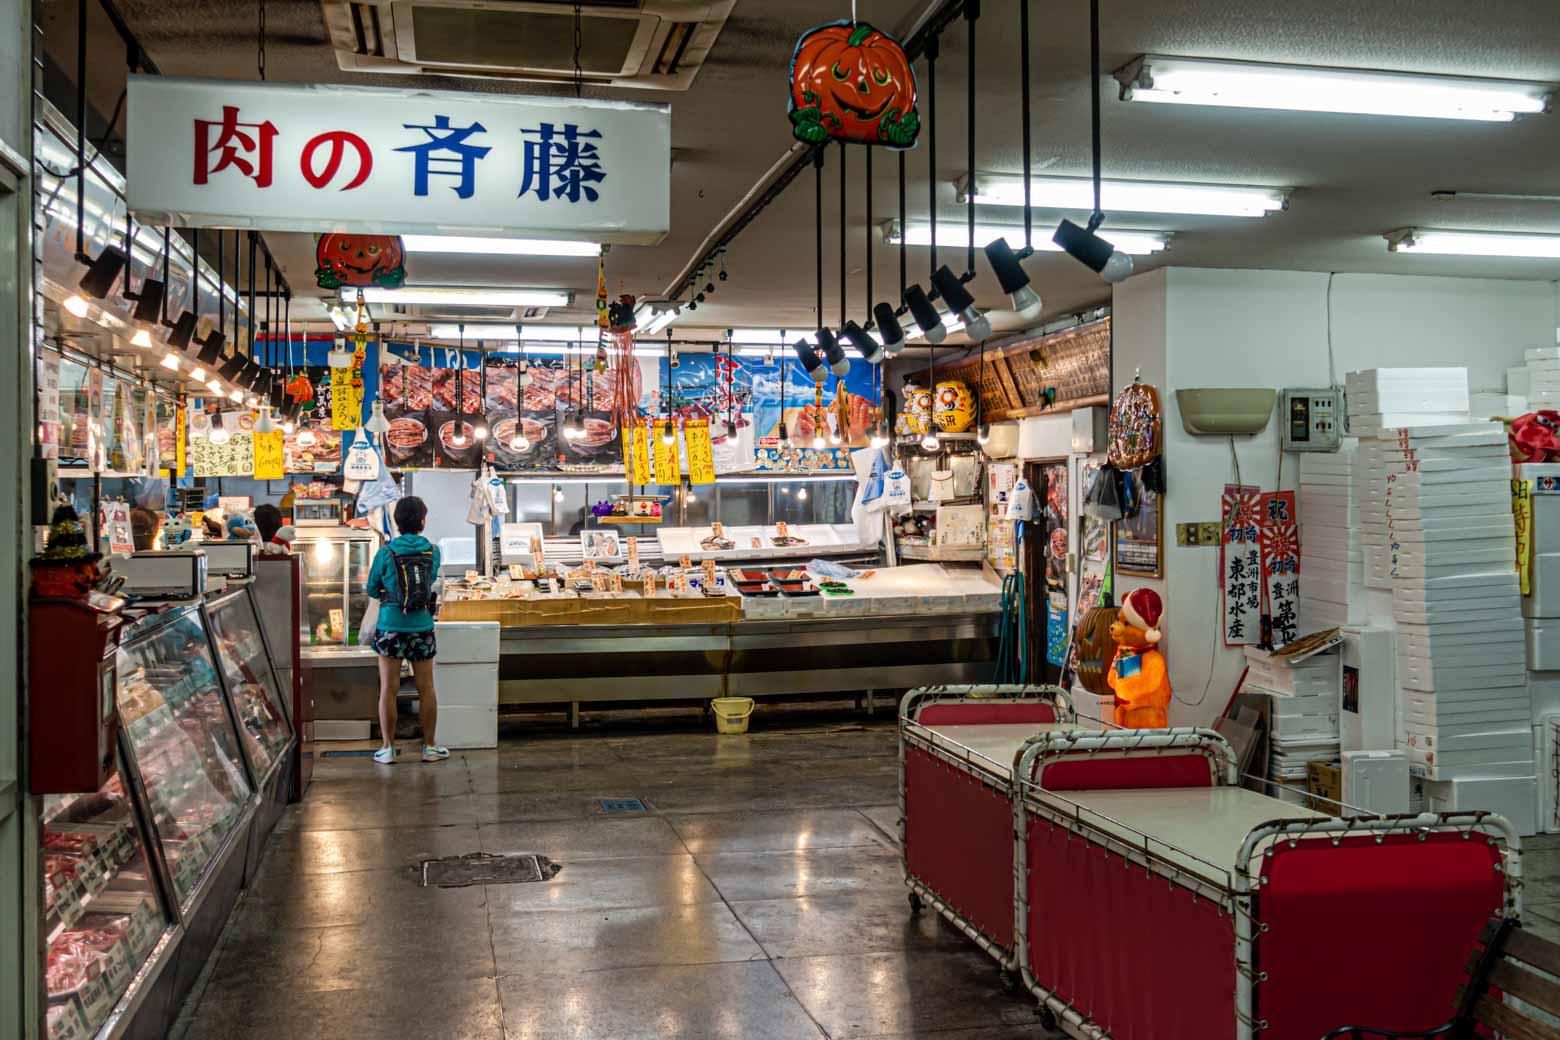 通りの一番奥に、鮮魚店や精肉店、服飾店などが一緒になった〈丸新ストア〉というマーケットもあります。